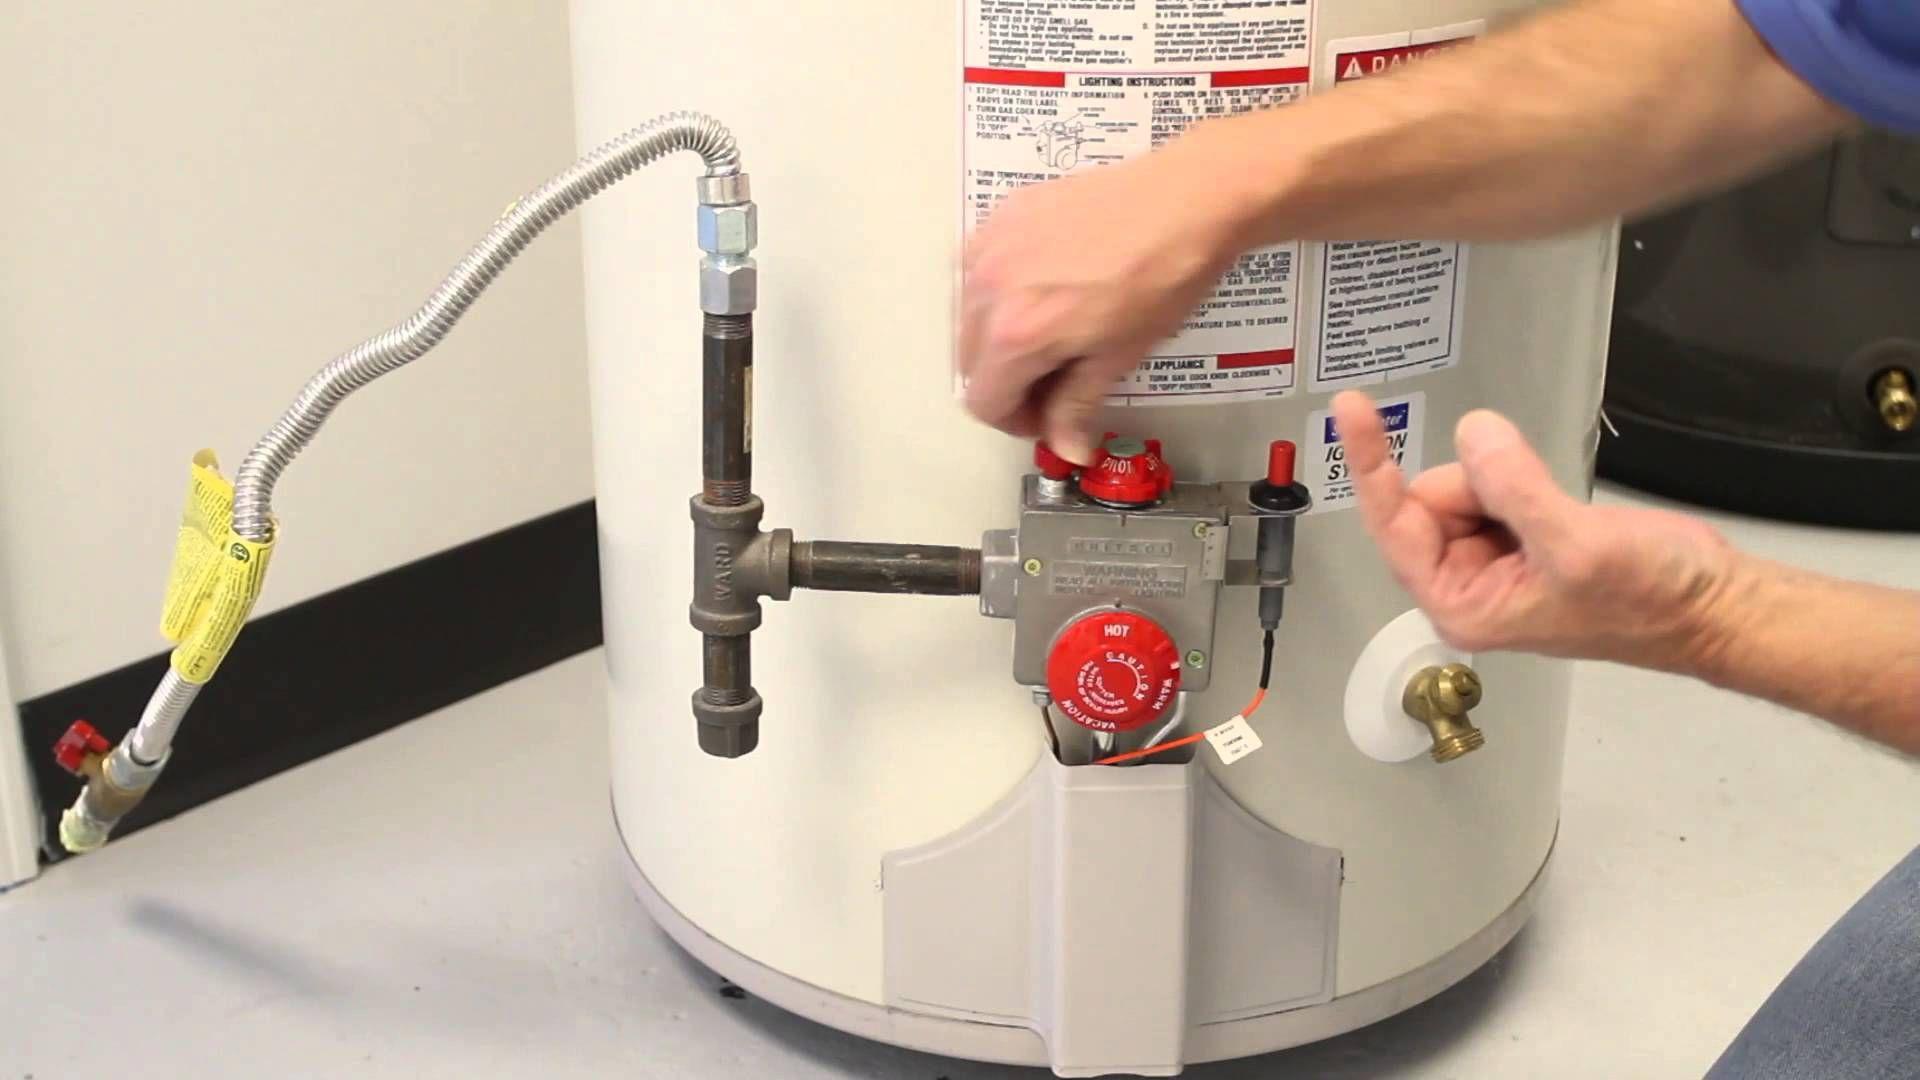 How to Reset Gas Water Tank Pilot Light Atlanta Habitat